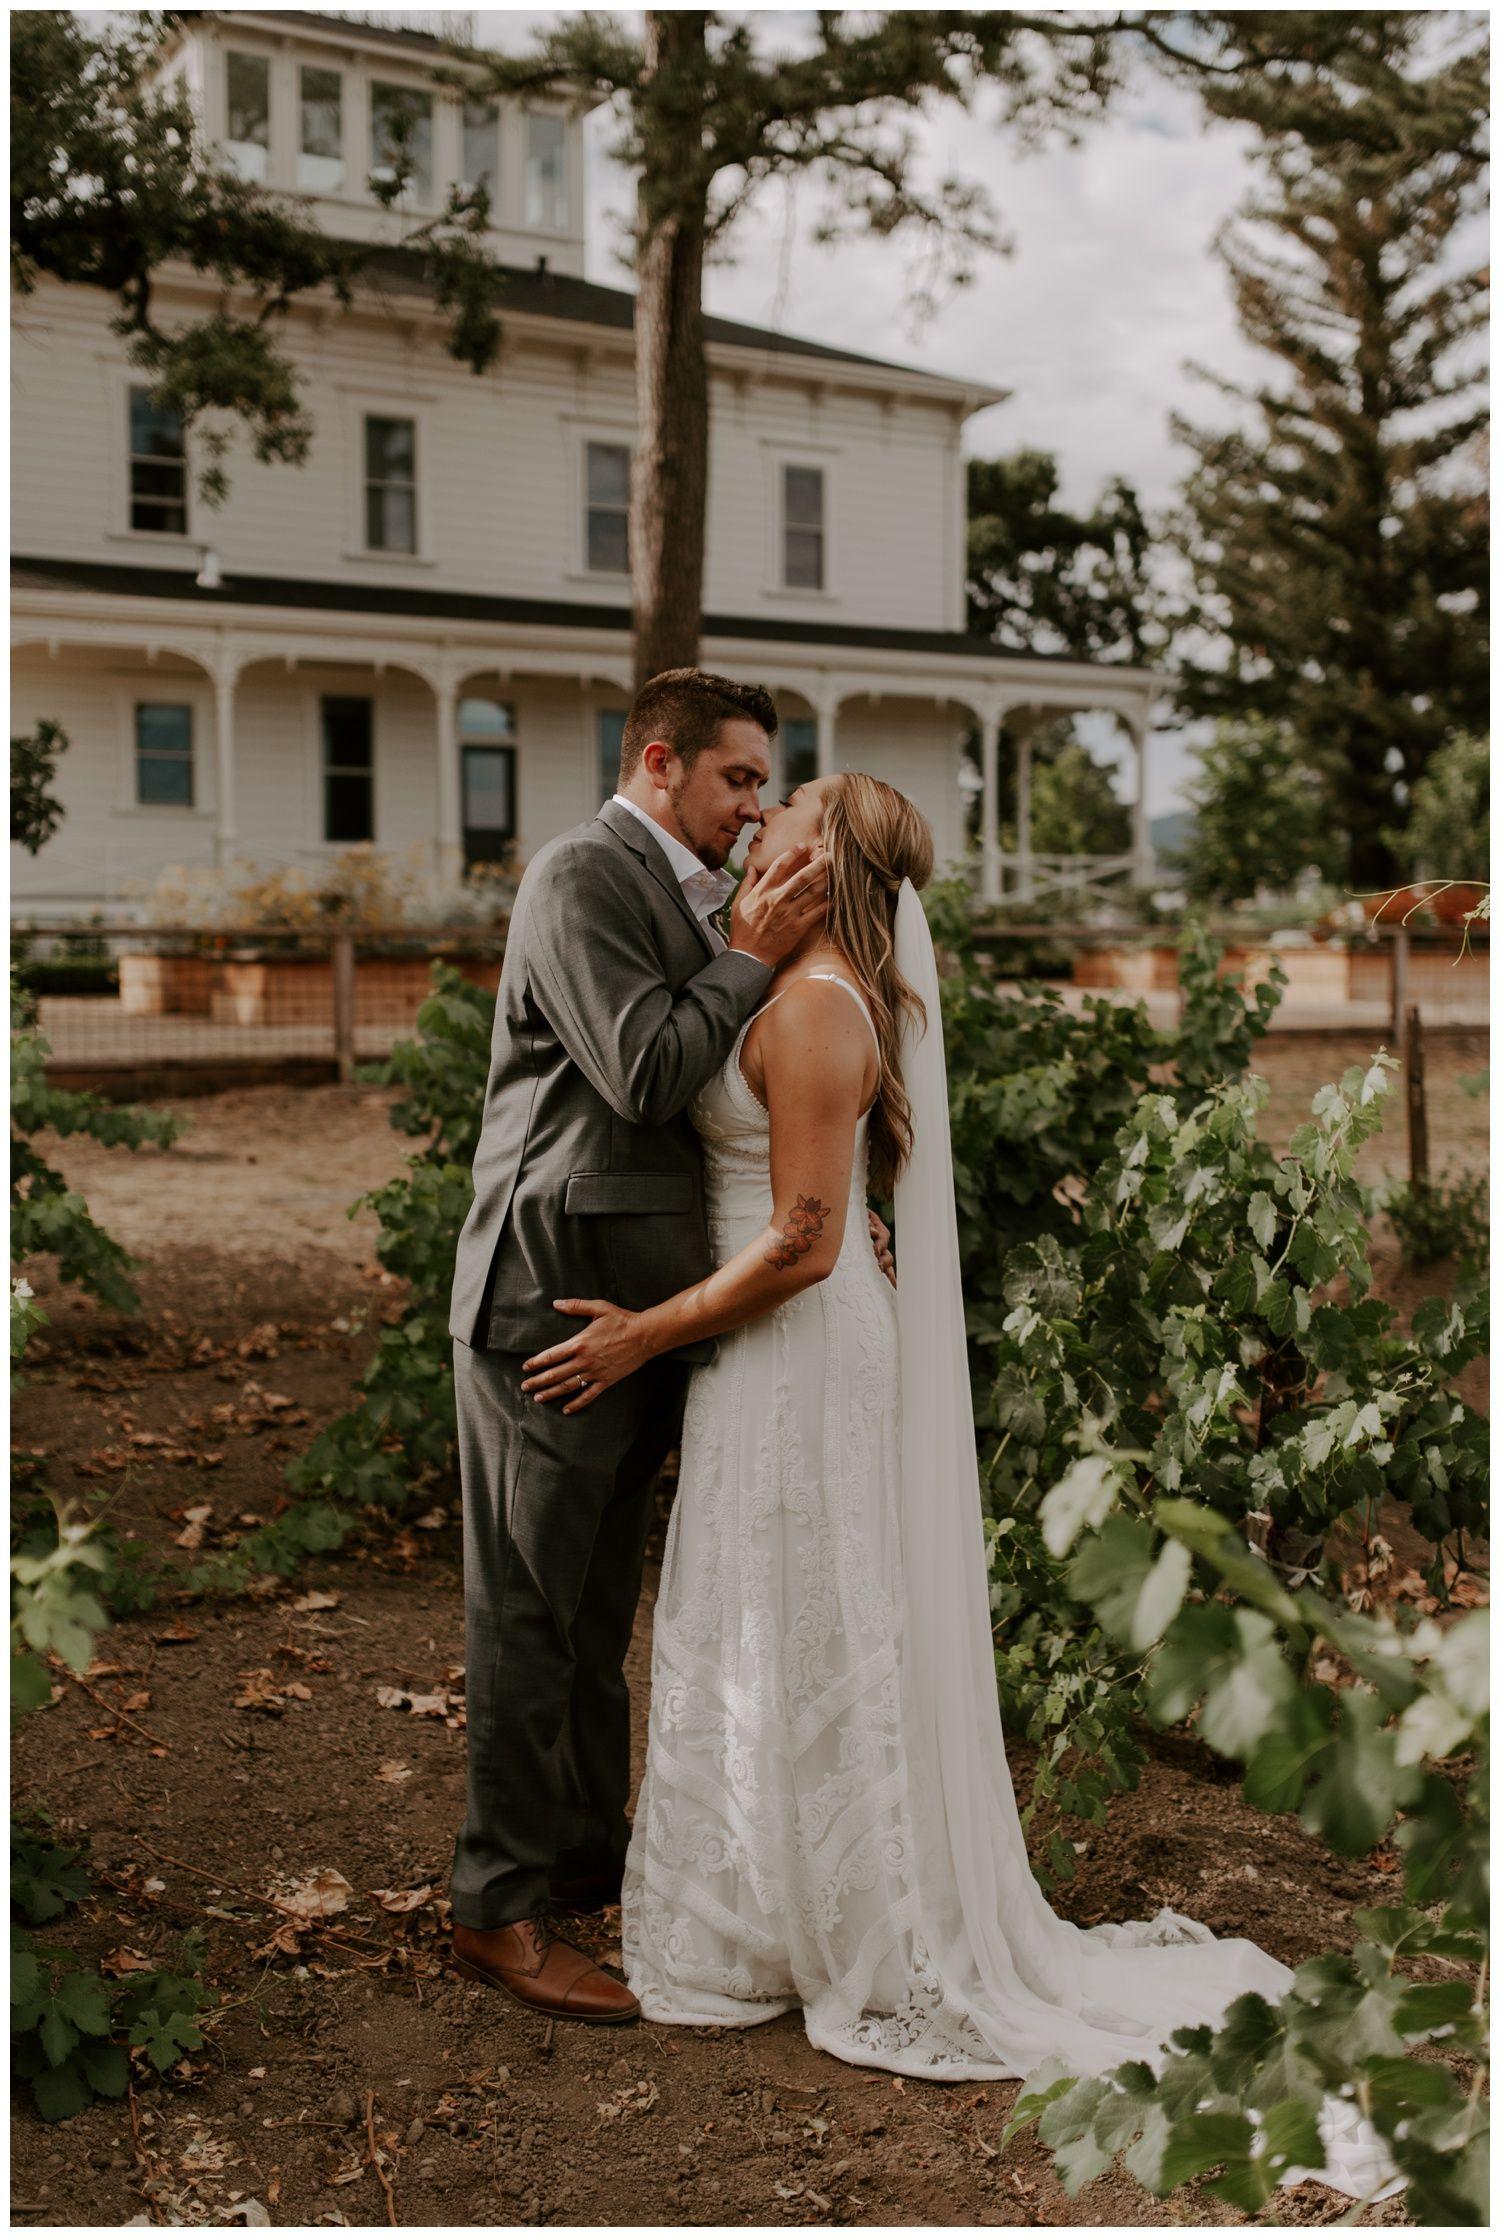 Napa Valley Backyard Wedding and Reception at Elizabeth